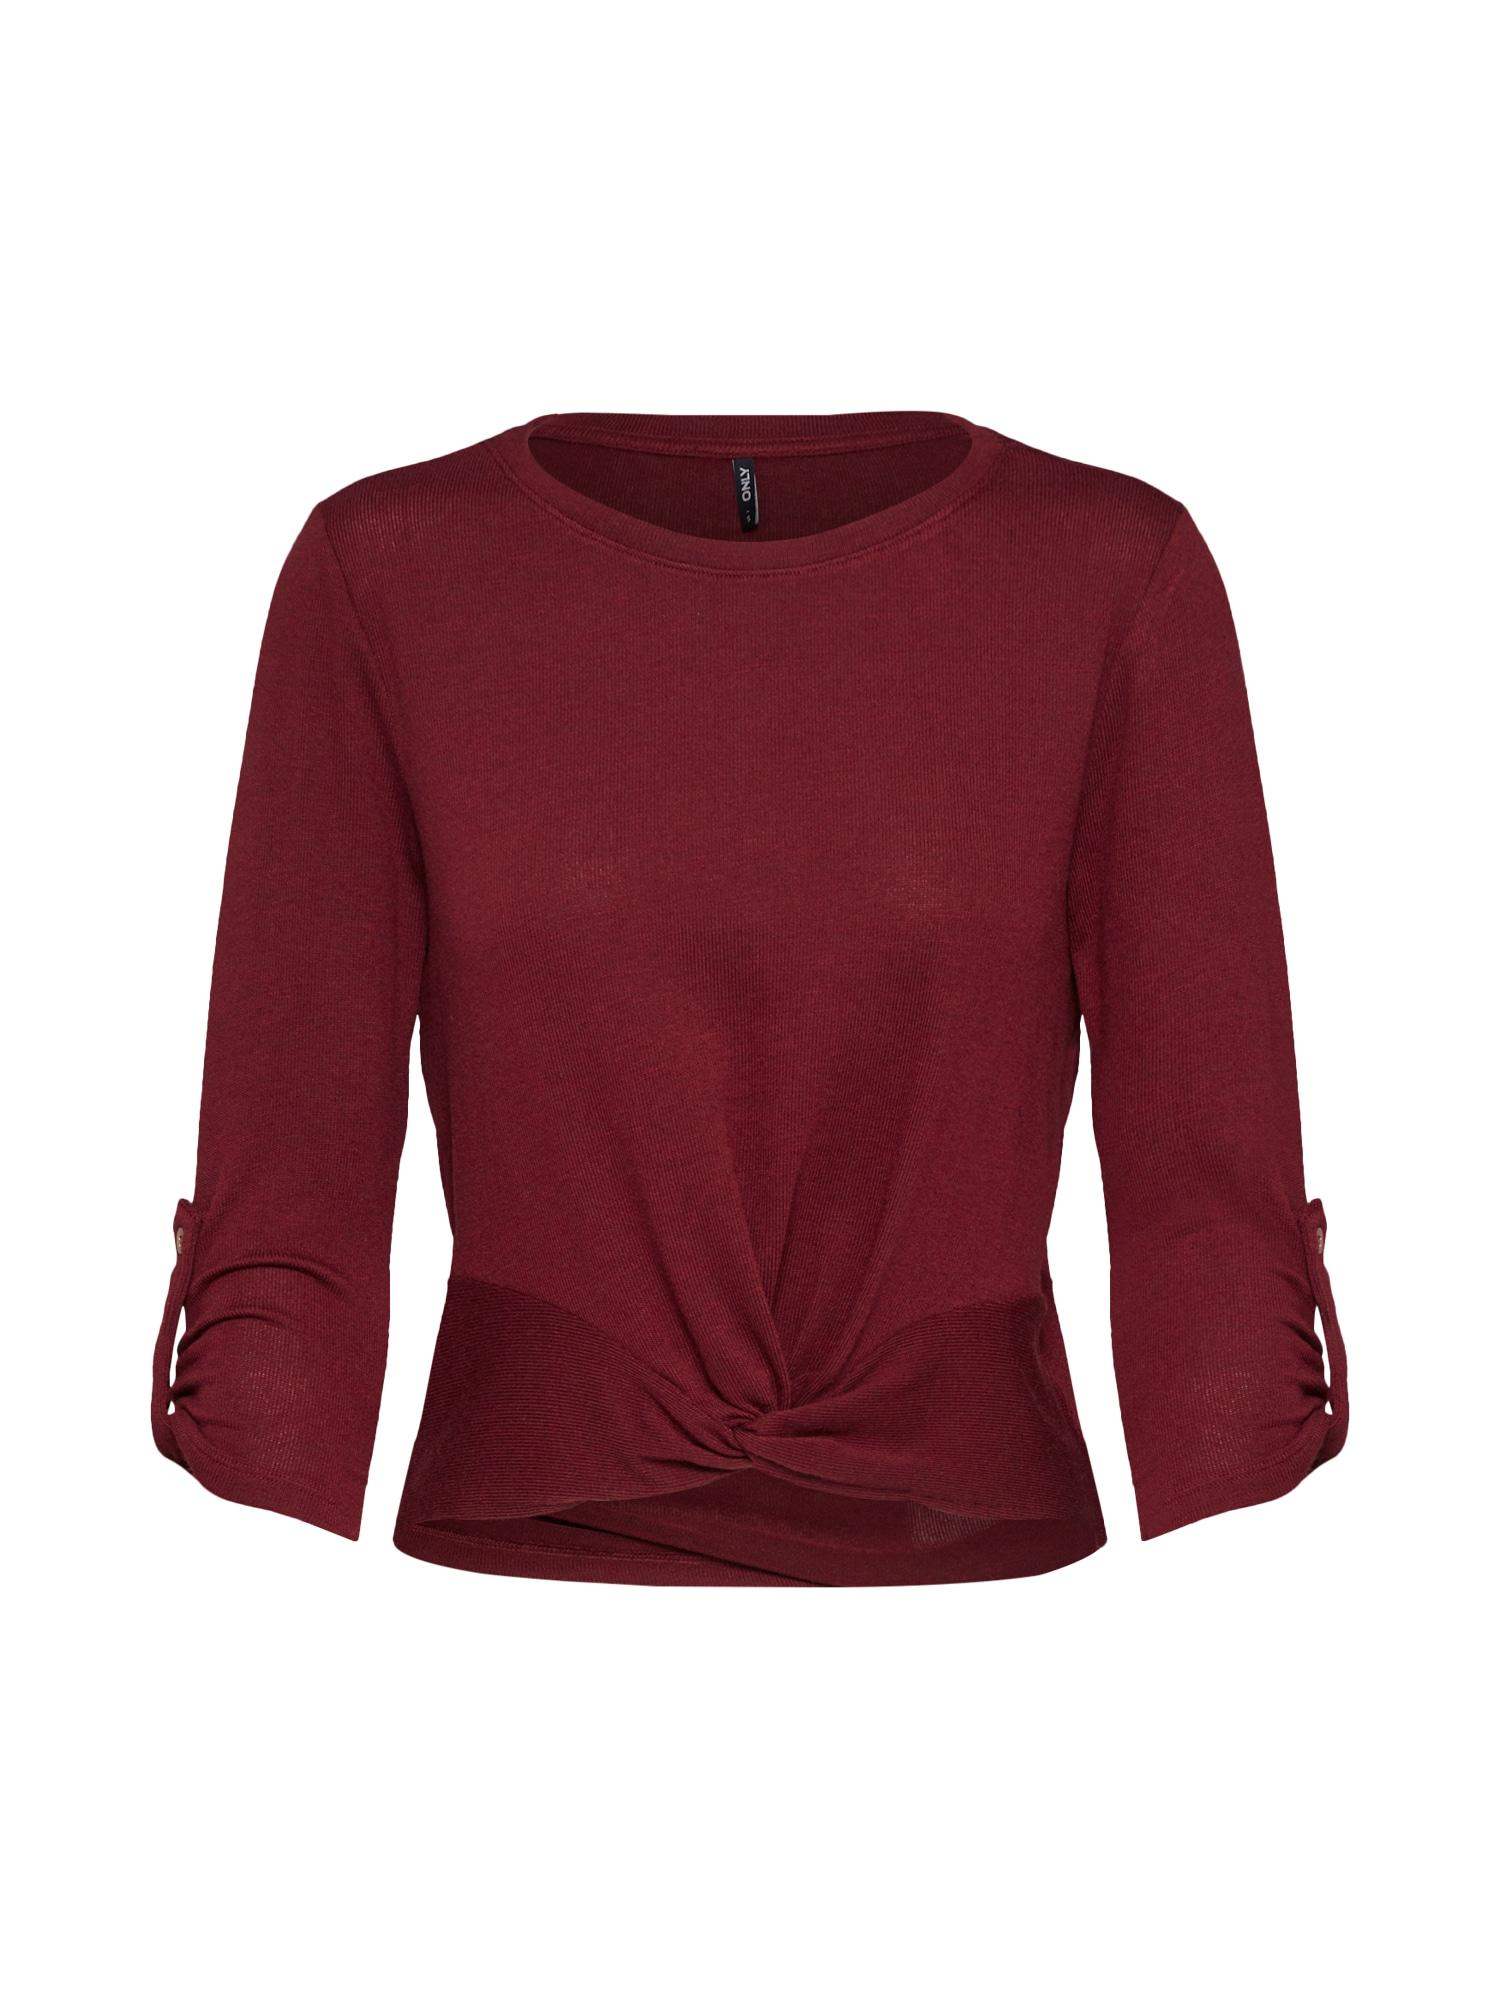 ONLY Marškinėliai 'TINNA' vyno raudona spalva